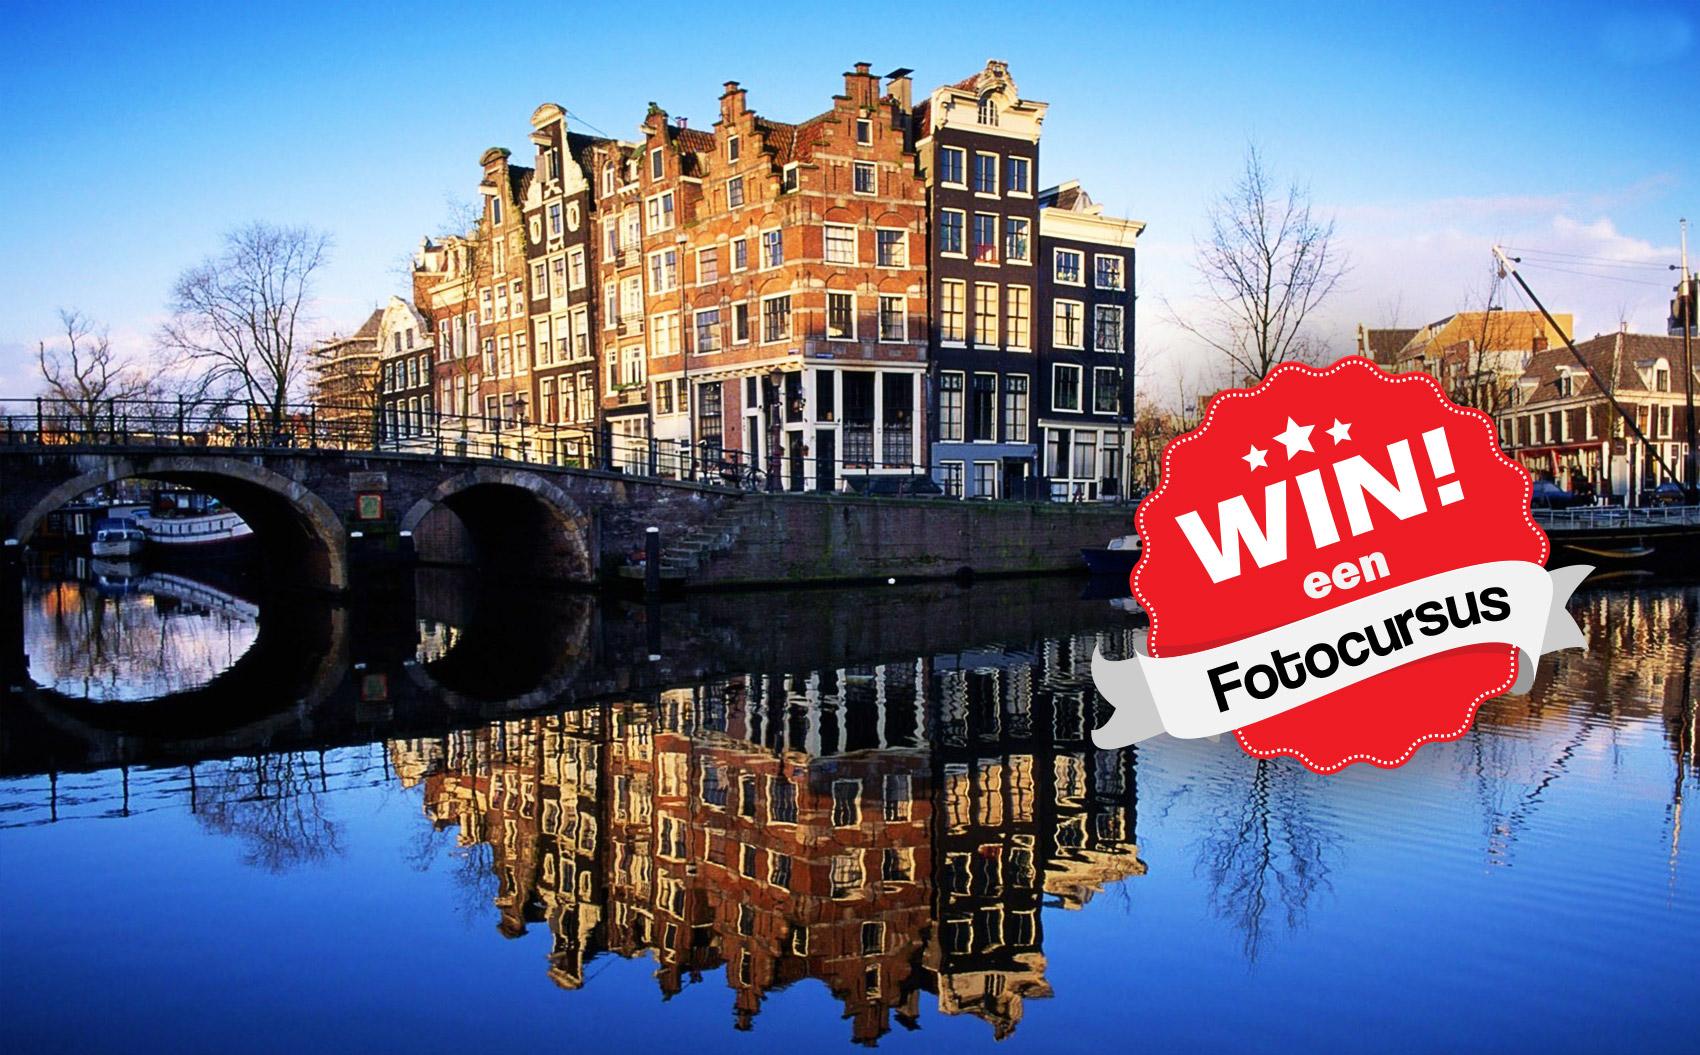 Fotowedstrijd - Win een Fotel focursus in Amsterdam